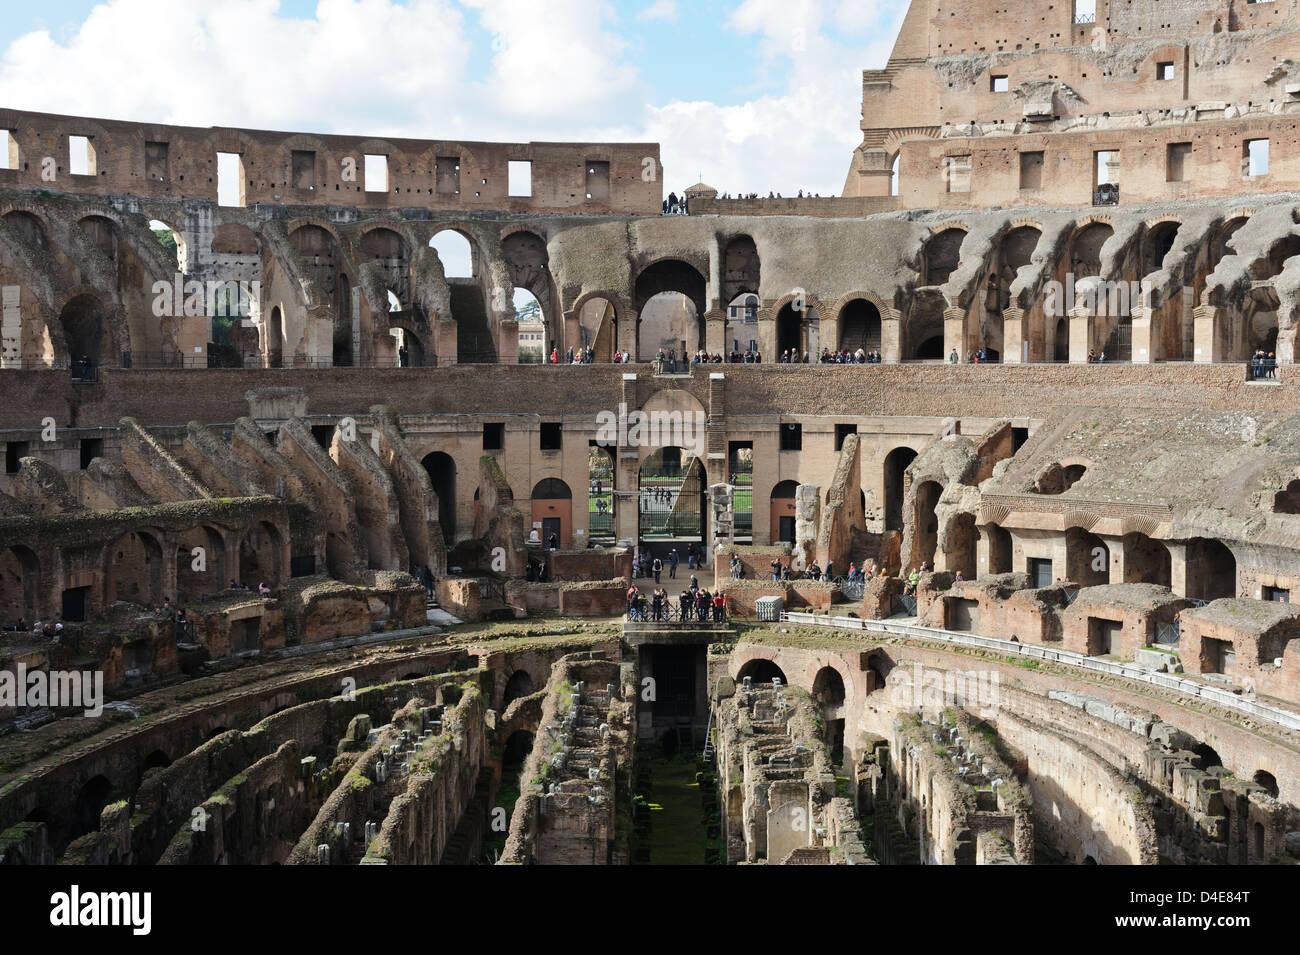 Las Ruinas Del Antiguo Coliseo Romano En El Corazón Del Imperio